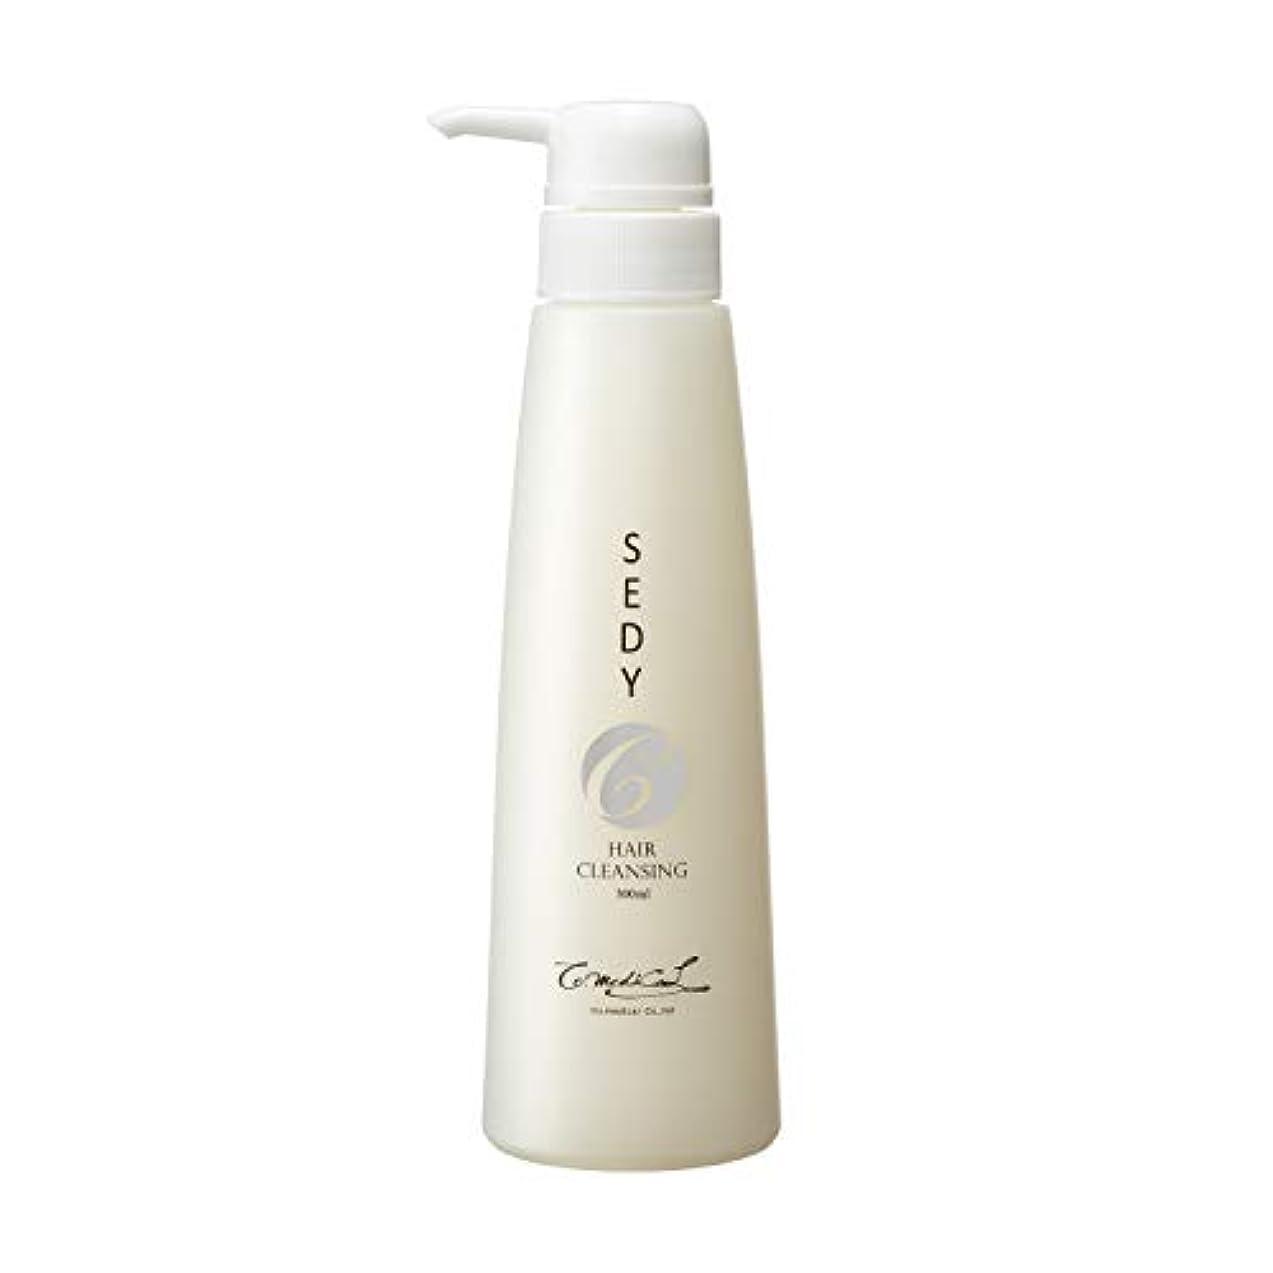 酸素上がるアグネスグレイSEDYクレンジングシャンプー 300ml <スキンケア発想で髪と頭皮をケア>